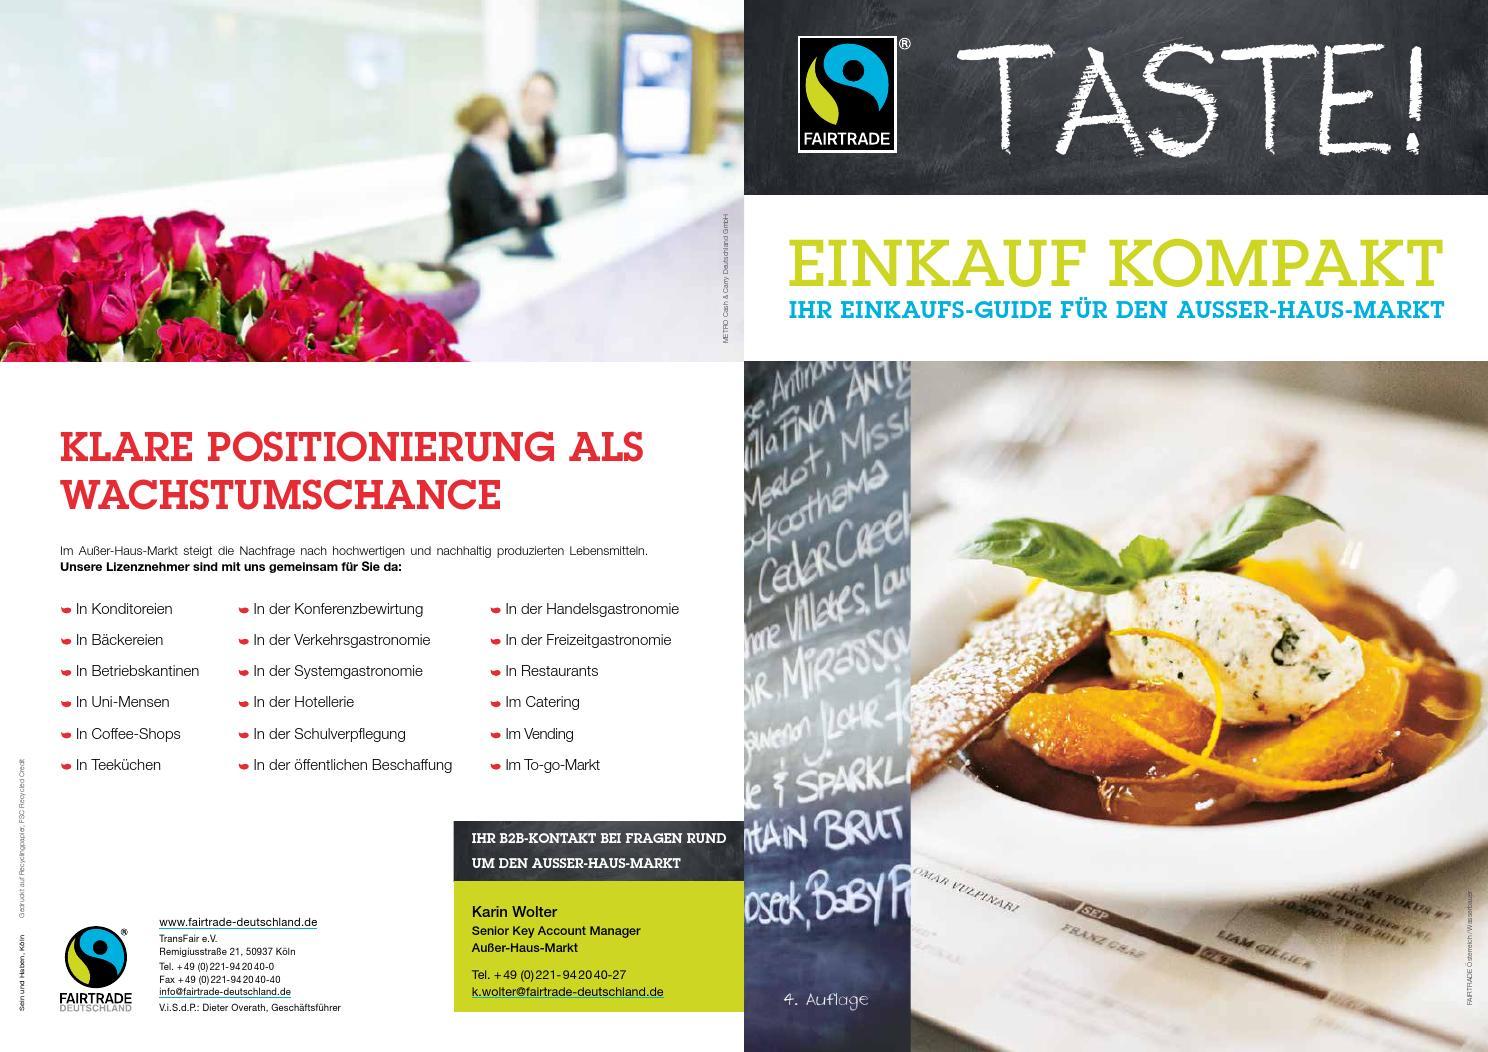 taste einkauf kompakt by fairtrade deutschland transfair e v issuu. Black Bedroom Furniture Sets. Home Design Ideas